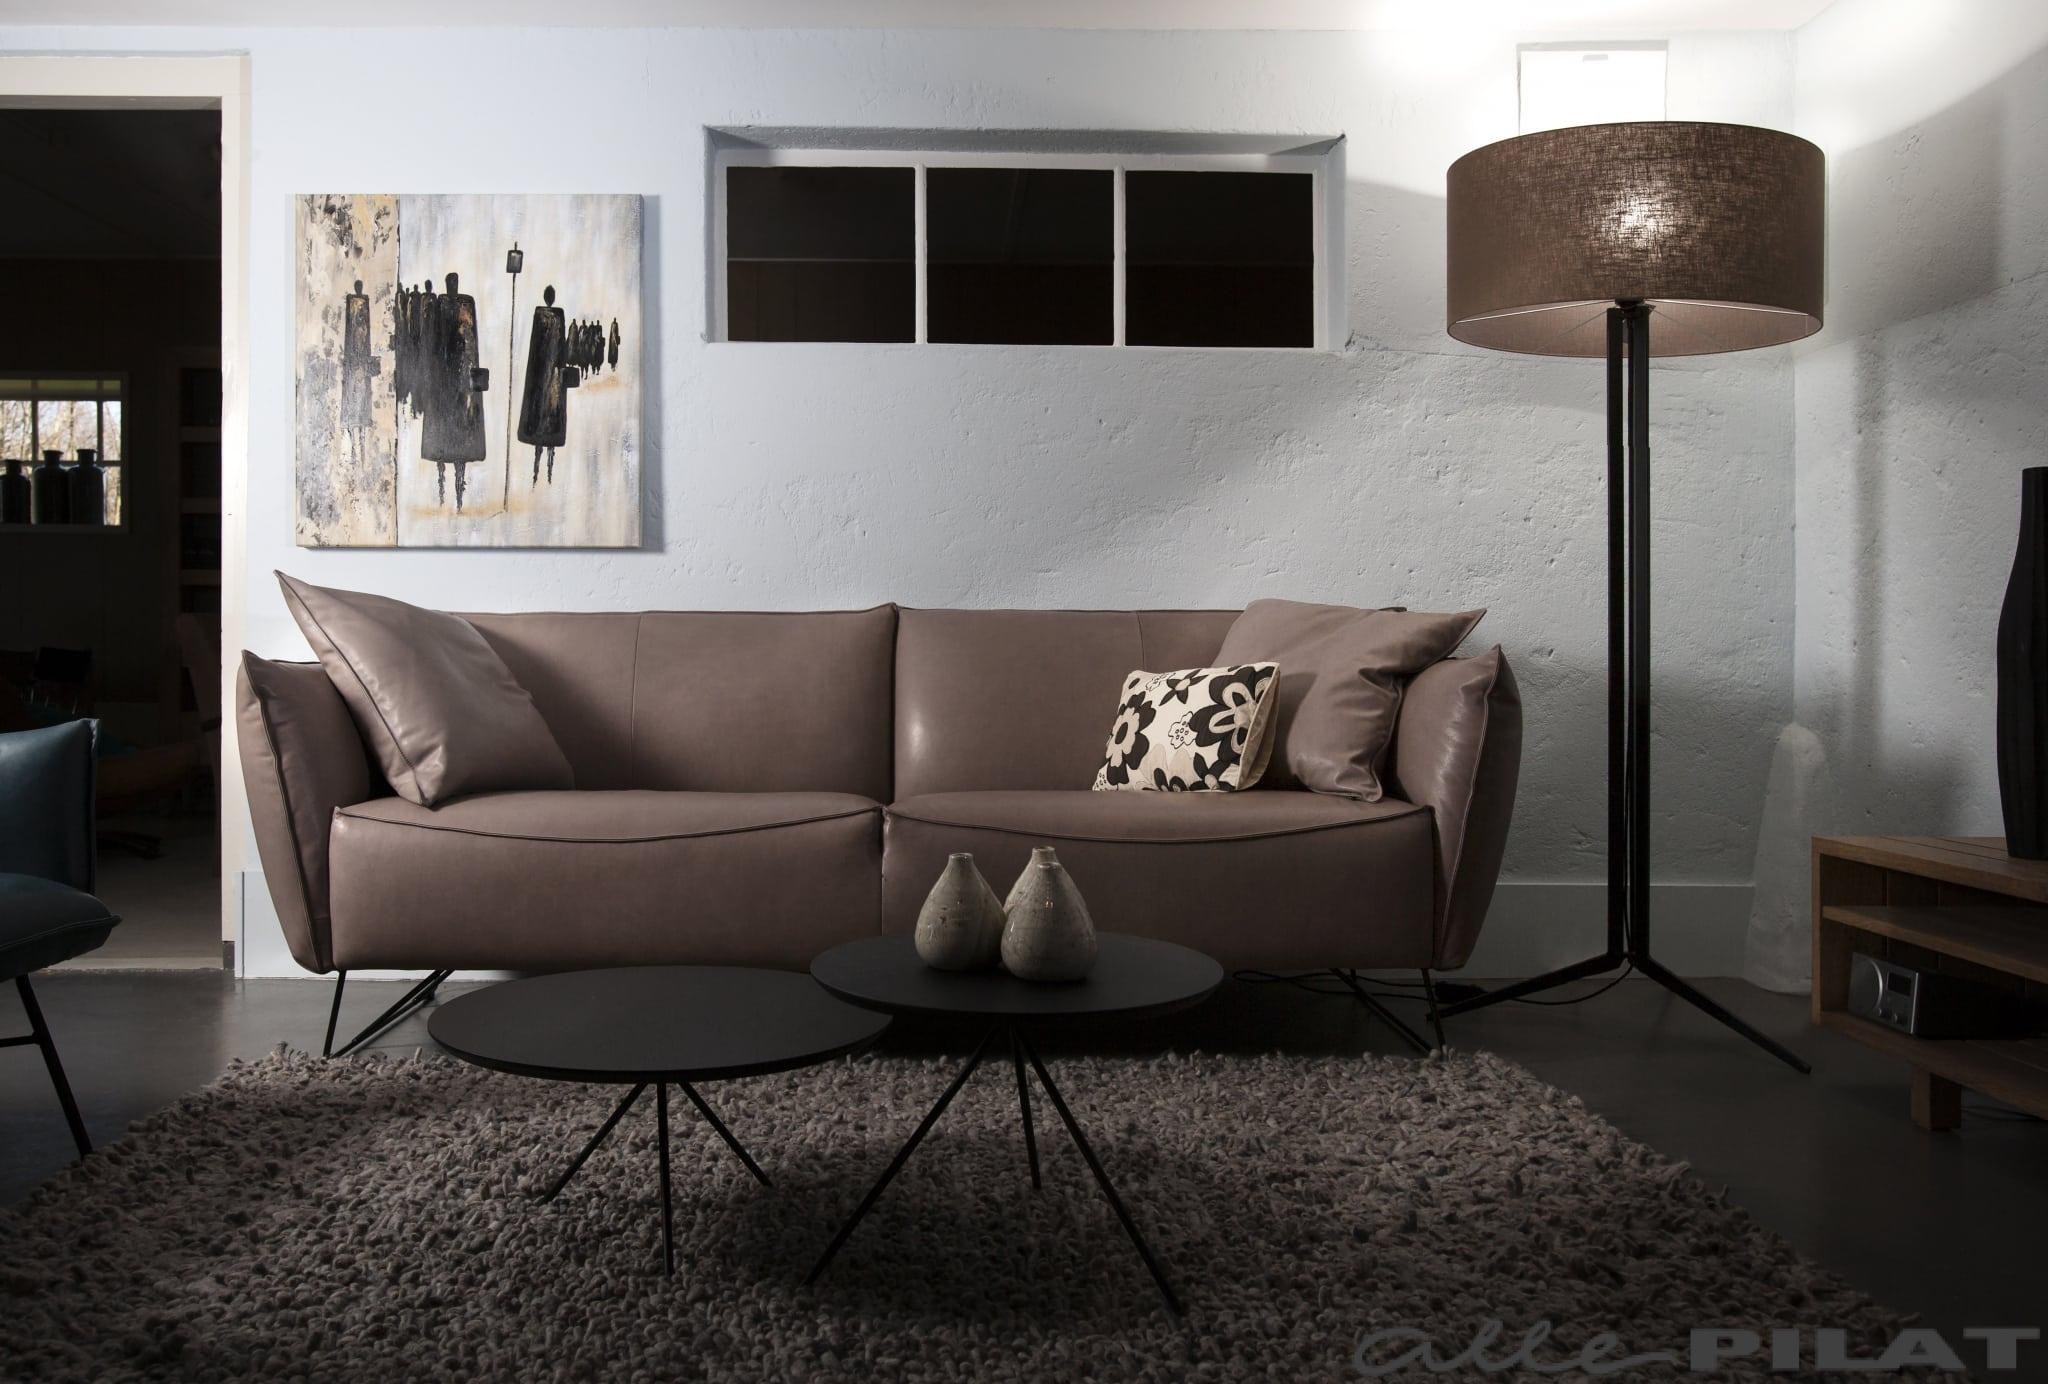 Leren Ronde Bank.Bank Micasa Van Jess Design Vindt U Bij Woonwinkel Alle Pilat In